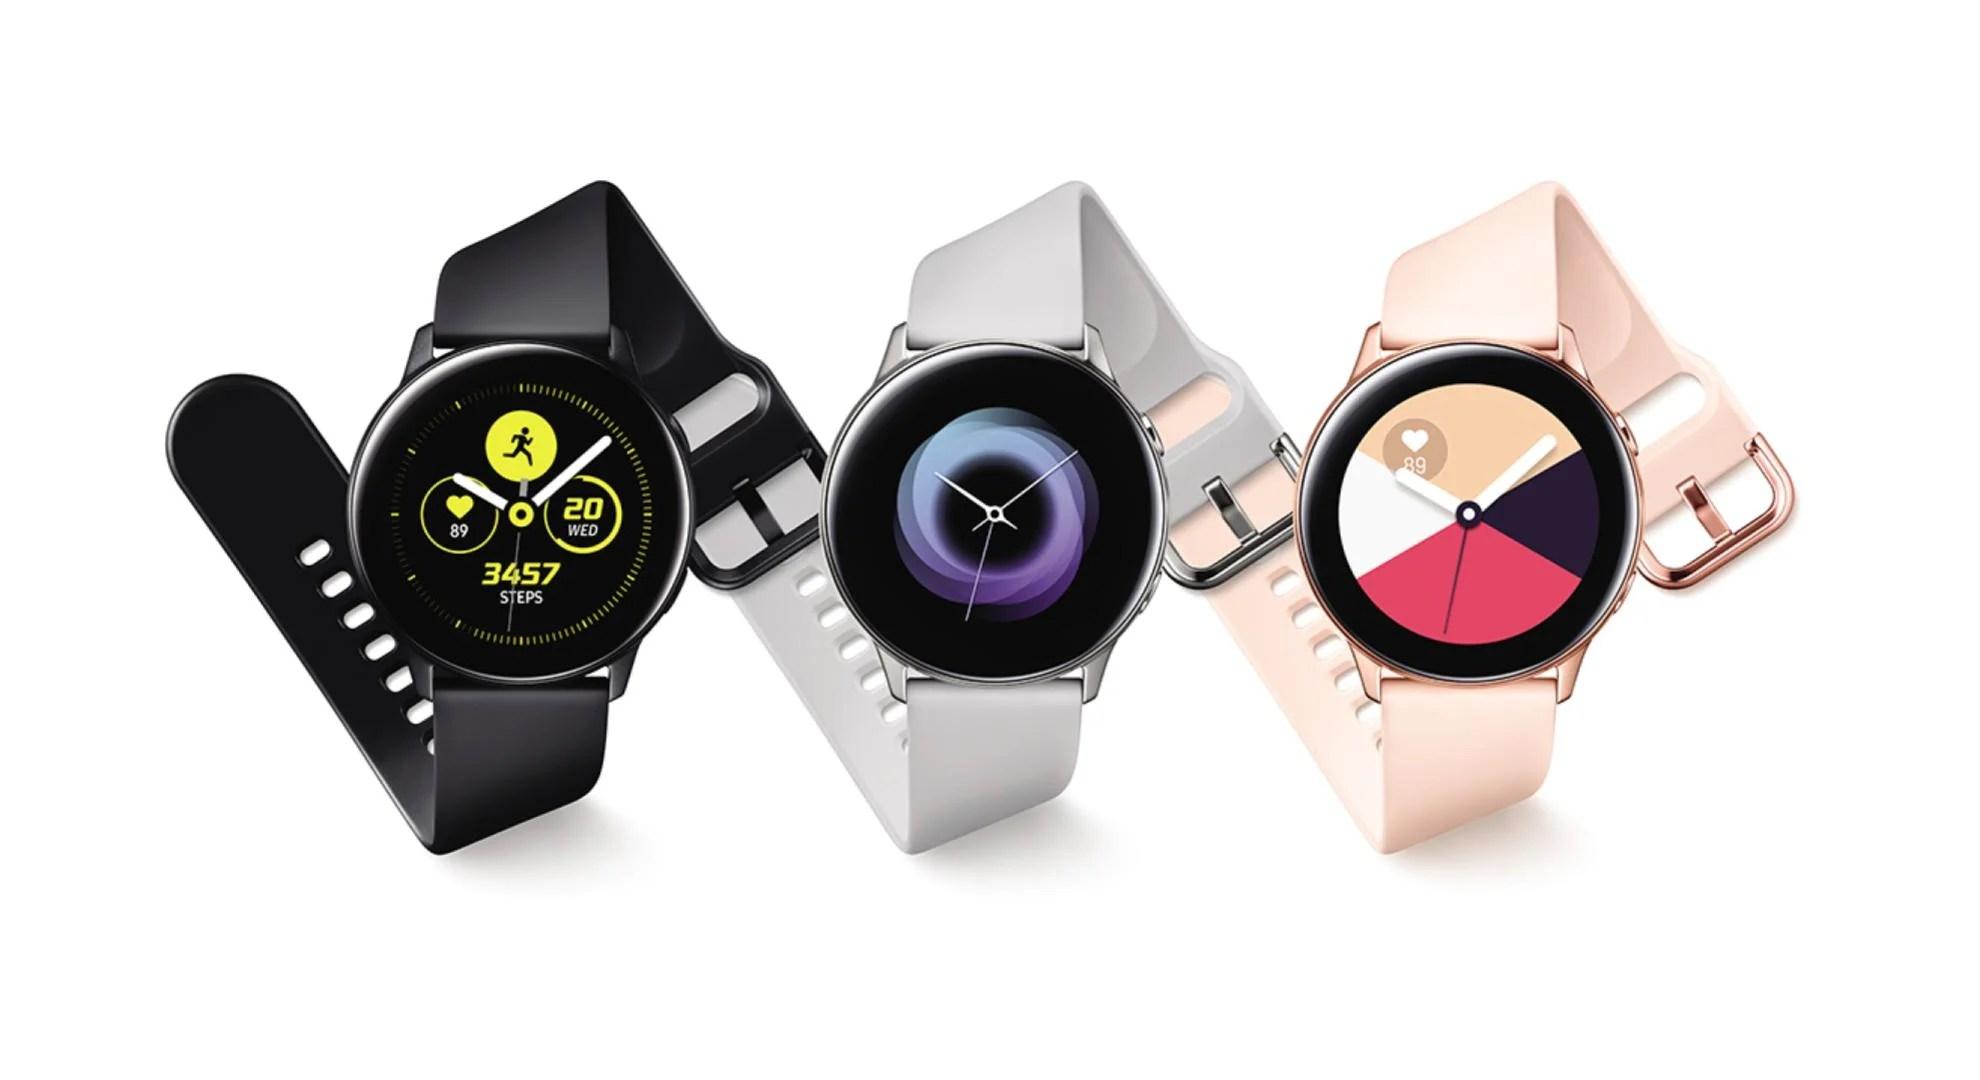 Économisez aujourd'hui plus de 100 euros sur la Samsung Galaxy Watch Active